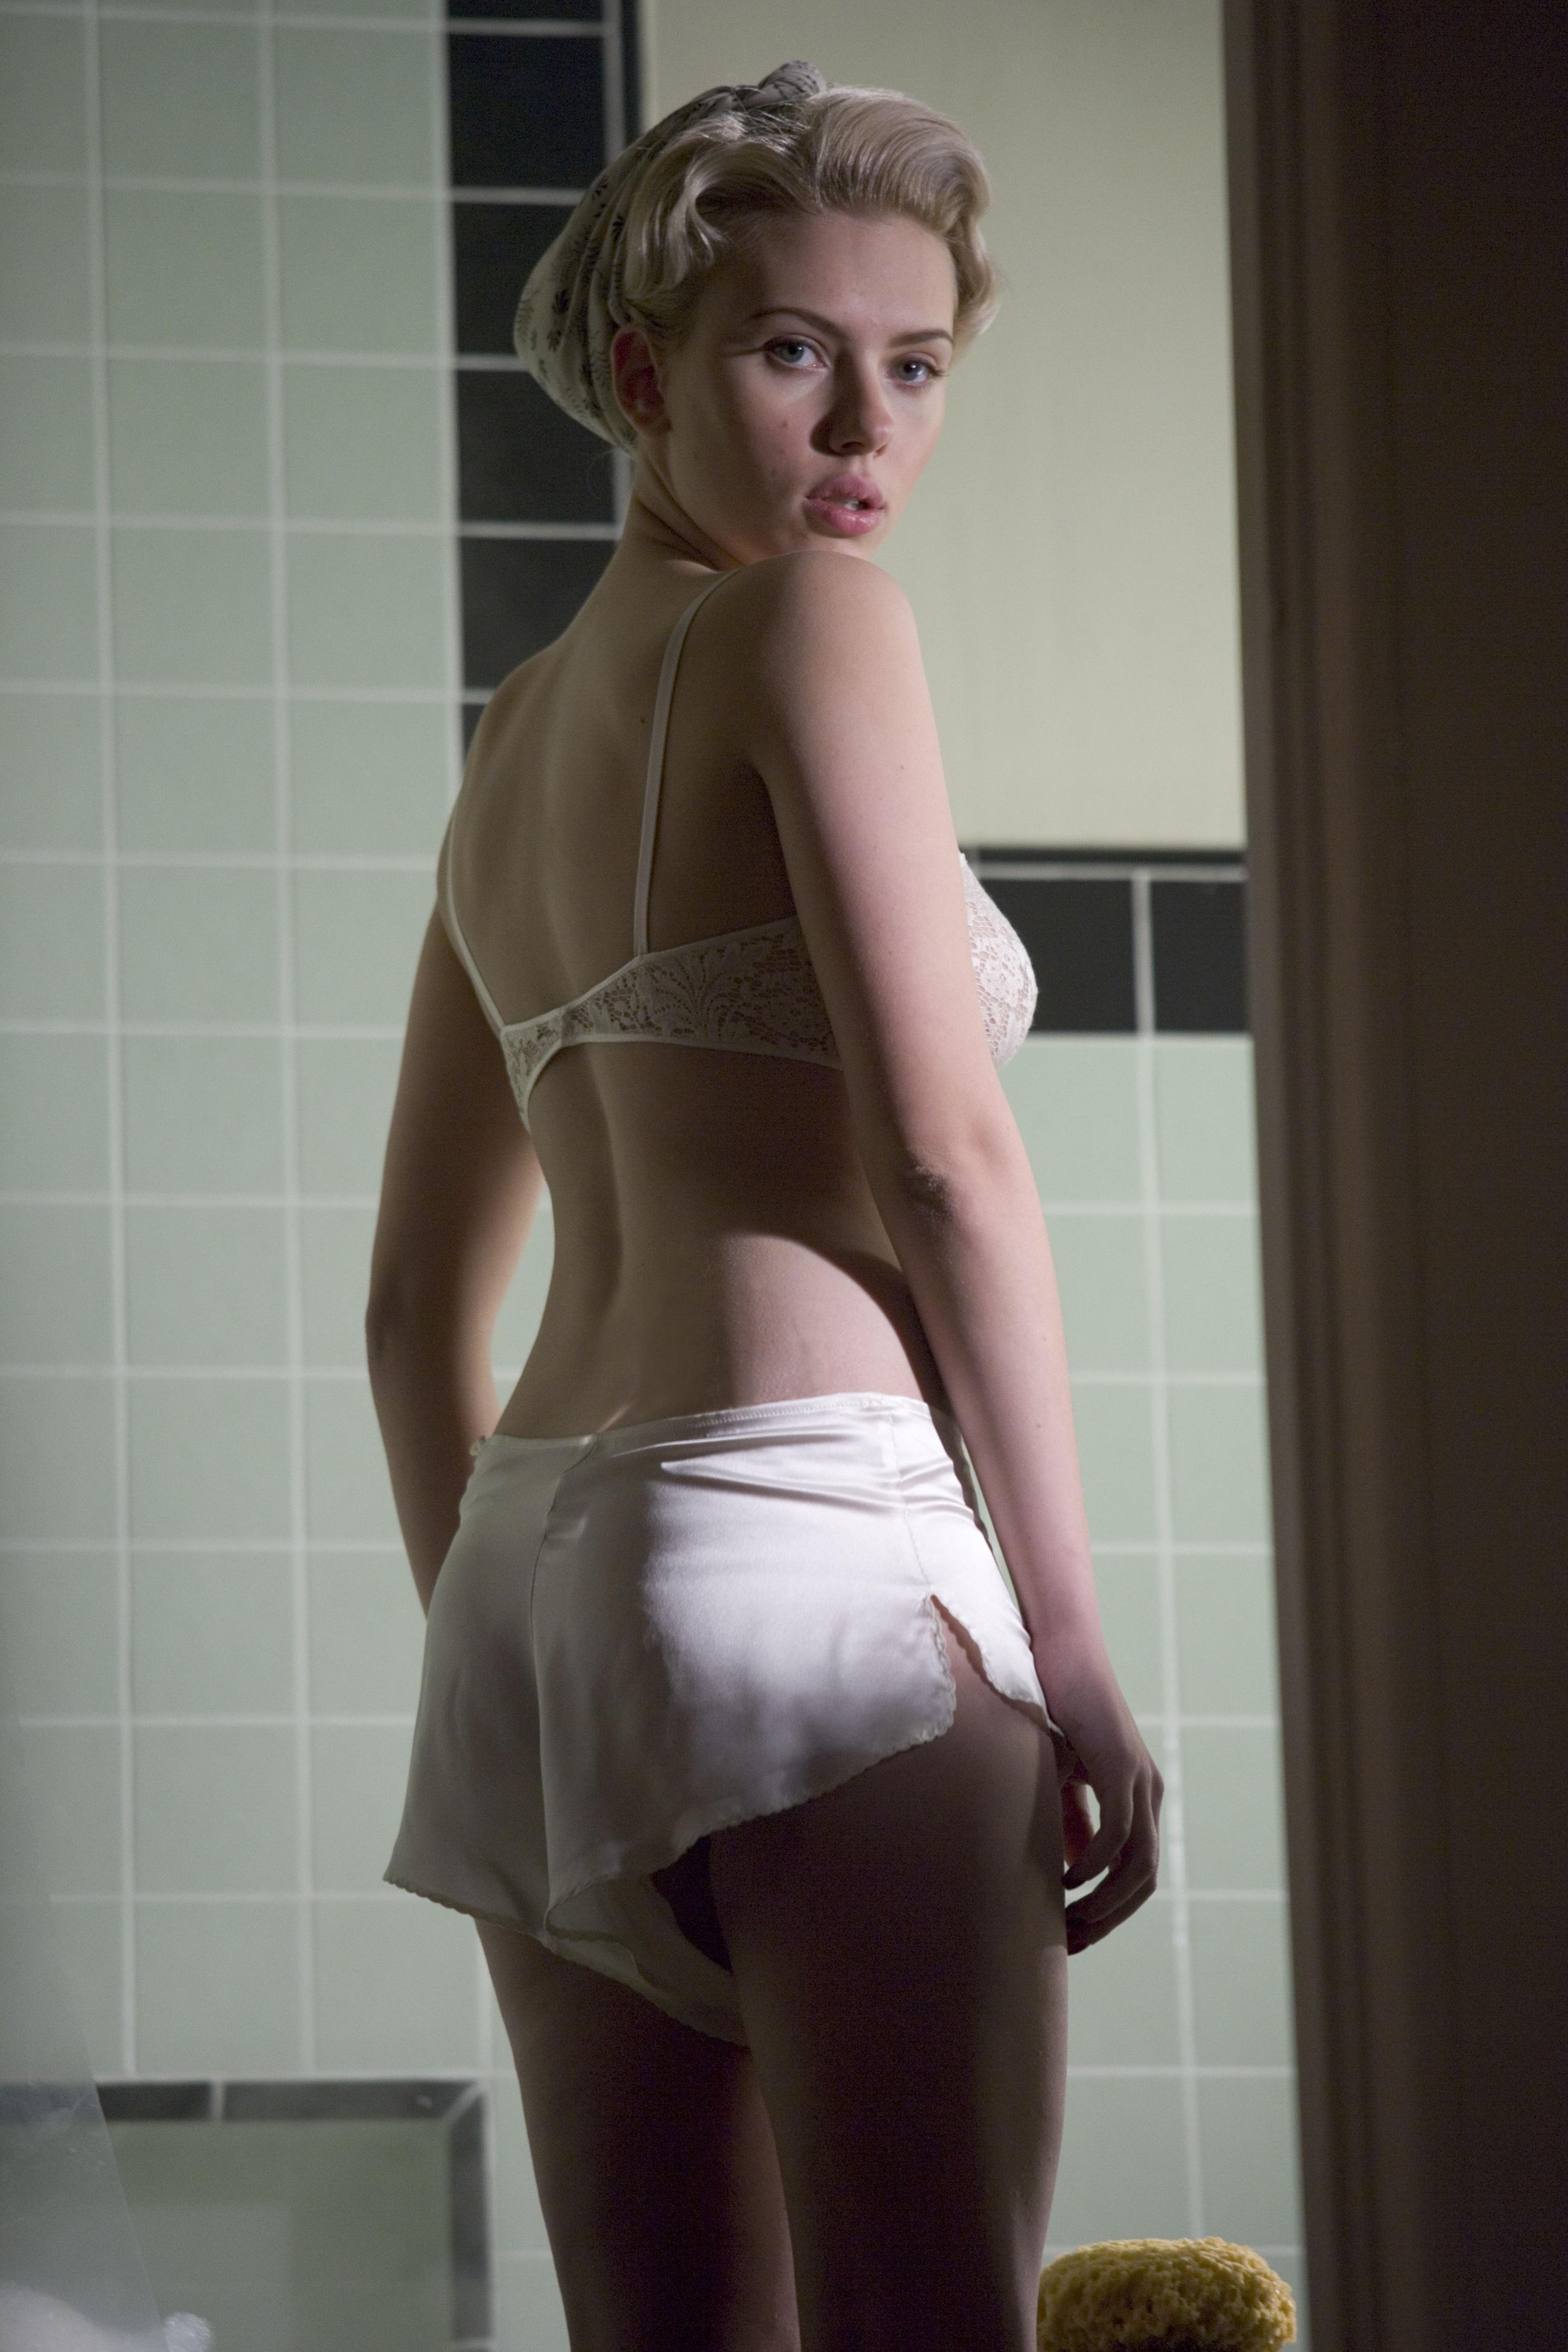 Scarlett johansson nude best quality under the skin - 1 part 7